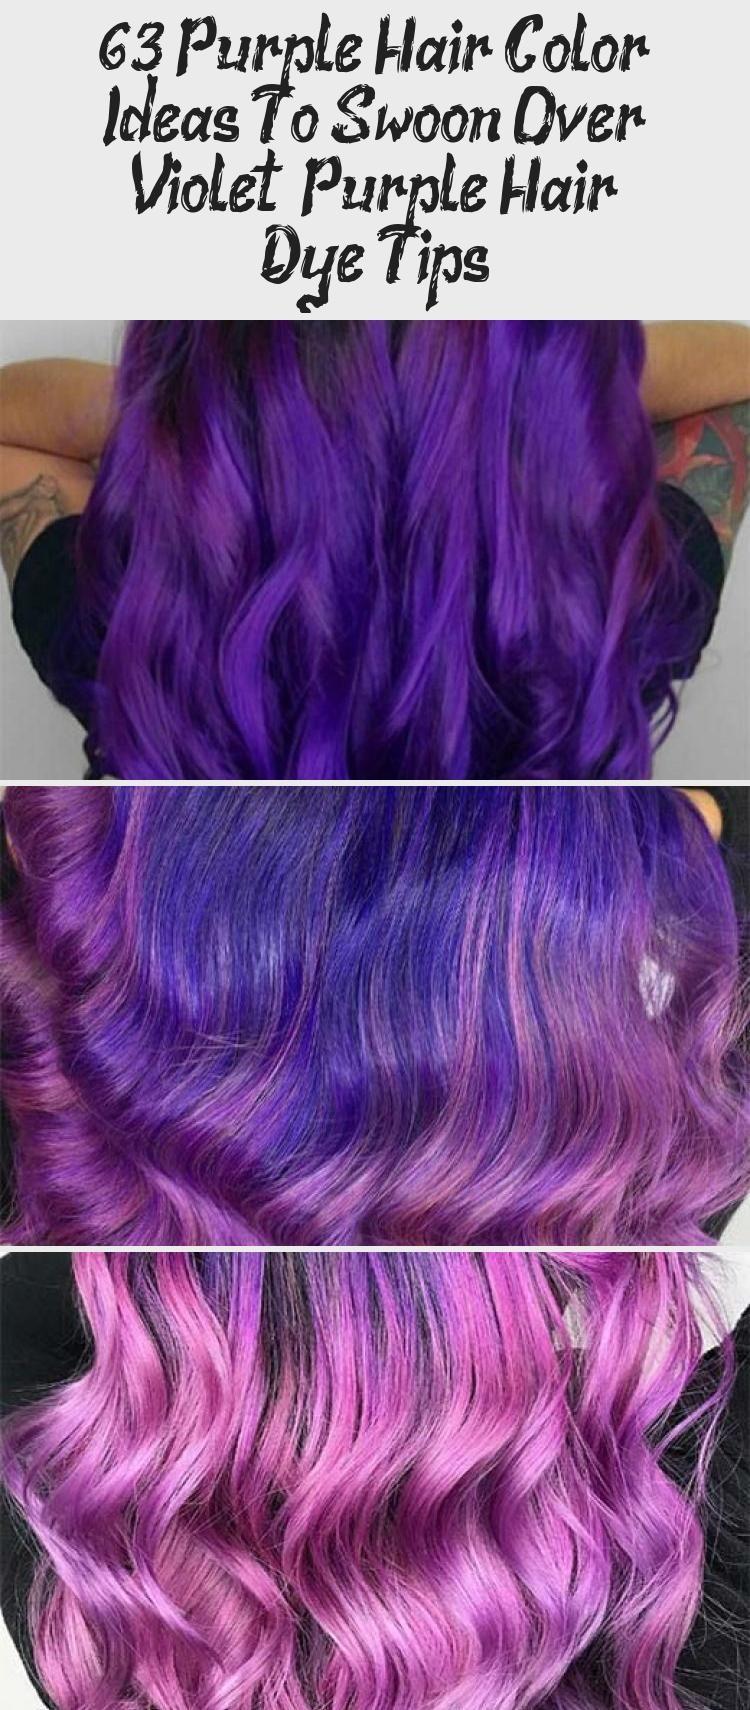 Violet Purple Hair Color Ideas Purple Hair Dye Tips Purplehair Violethair Purple Violet Hair Haircolor In 2020 Dyed Hair Purple Purple Hair Hair Color Purple